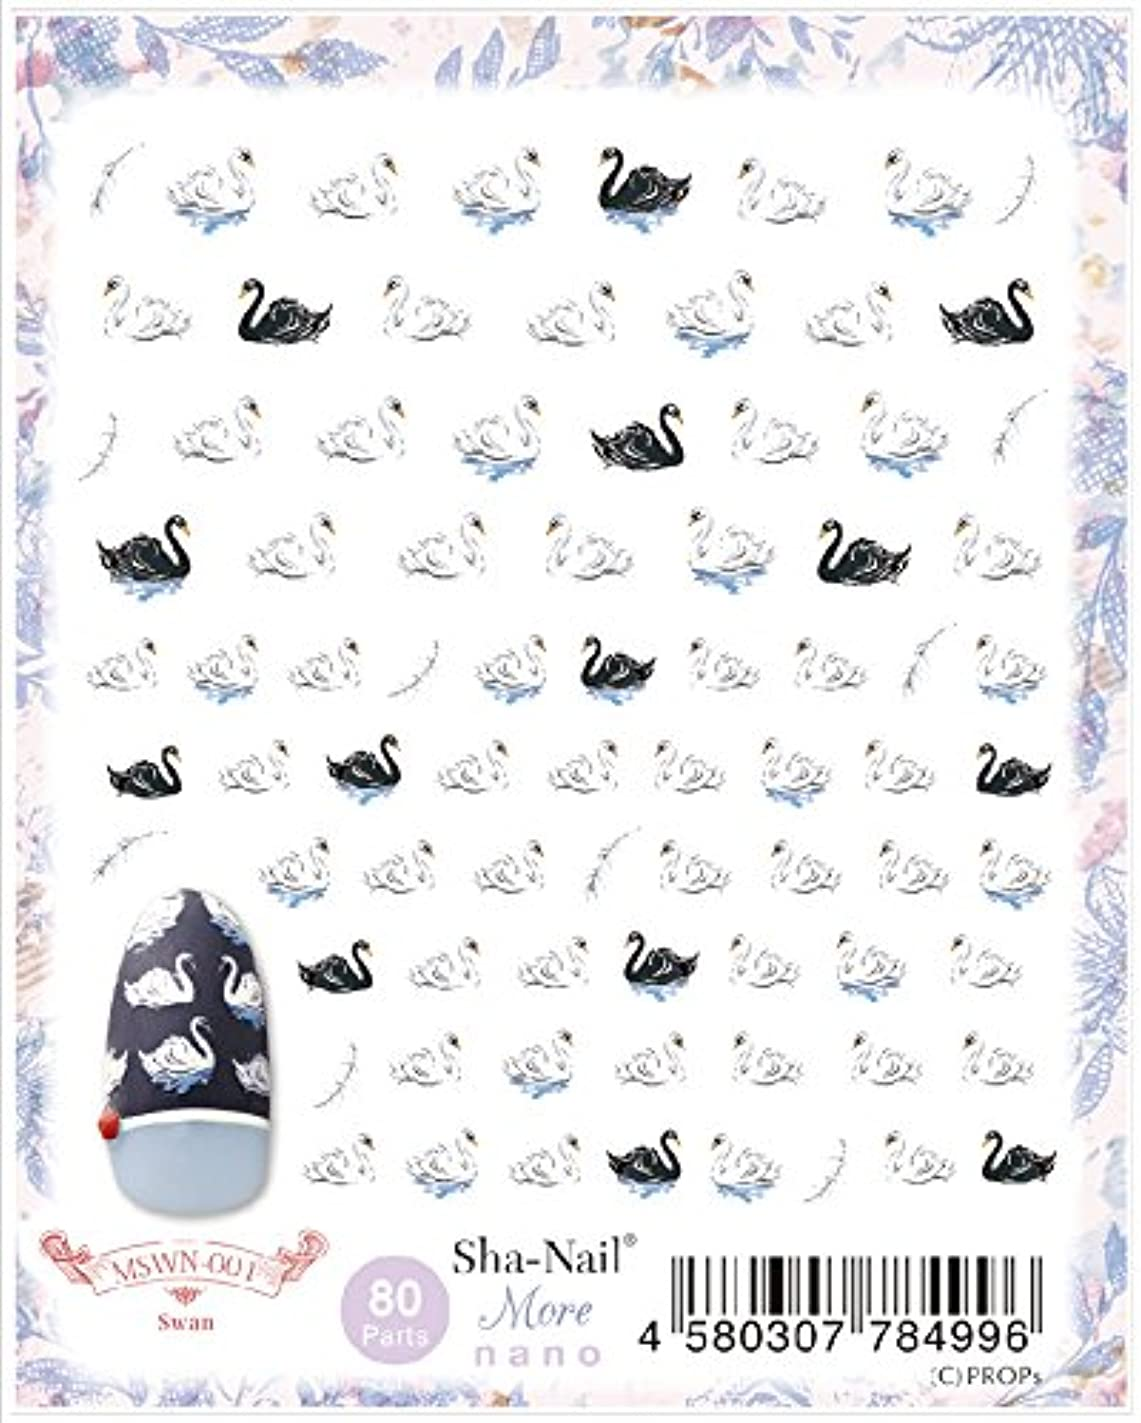 瞑想的言語愛人Sha-Nail More ネイルシール 【nano】スワン MSWN-001 アート材